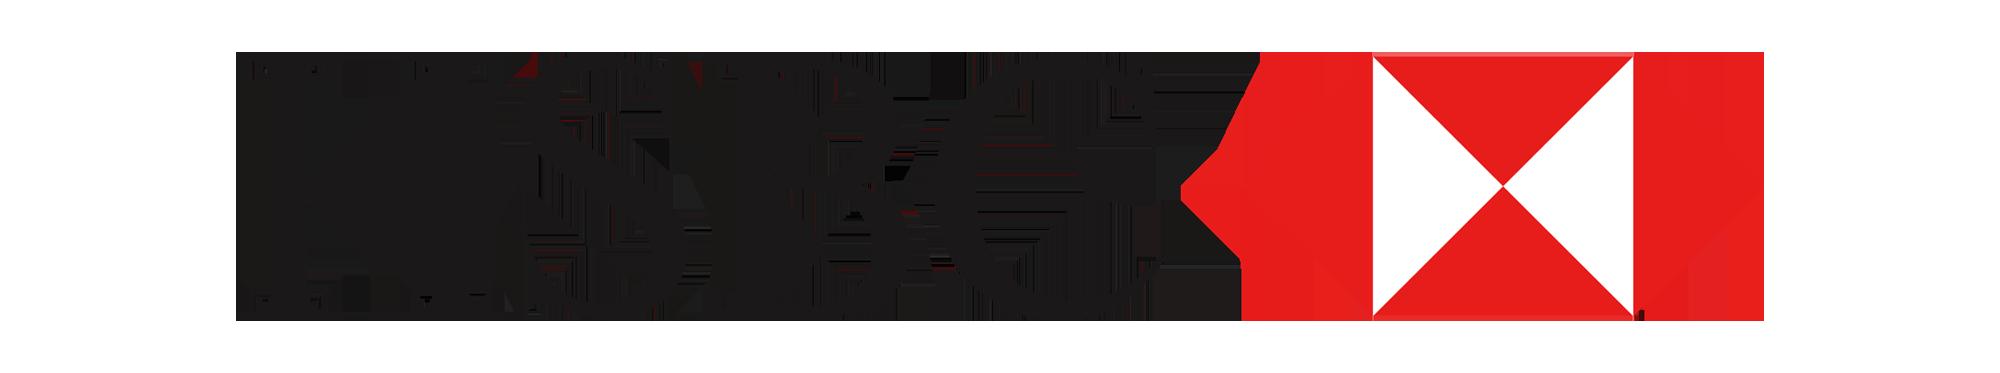 Bicimotos pagos a HSBC